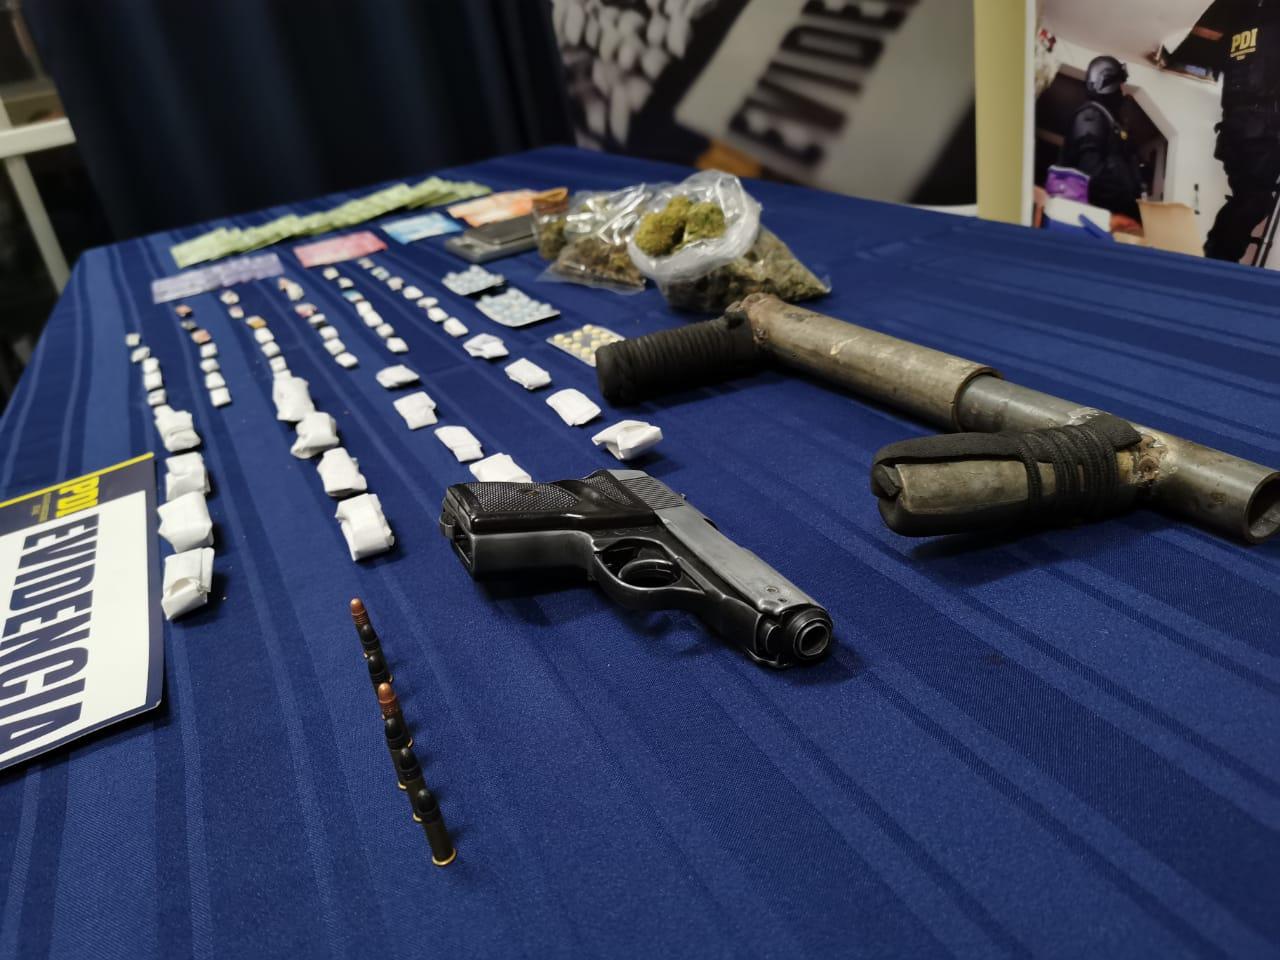 PDI INCAUTÓ DROGAS Y ARMAS EN PROCEDIMIENTO POLICIAL EN VALLENAR